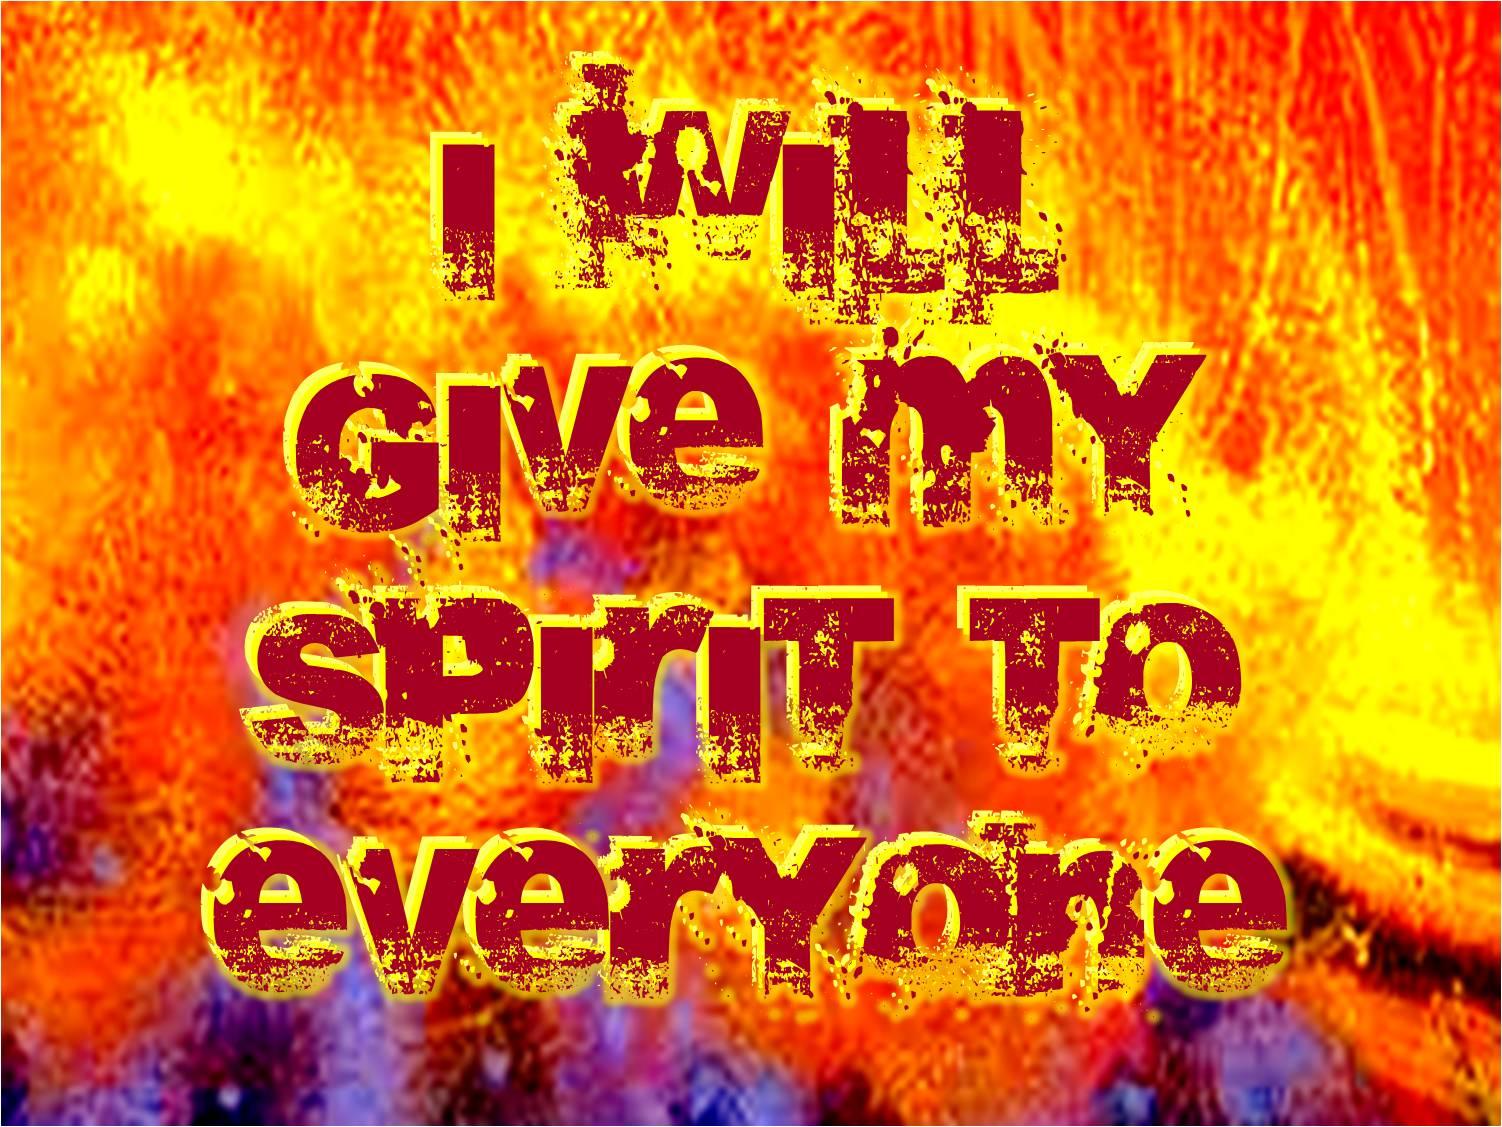 B+Pentecost+Acts+02_17+No+2